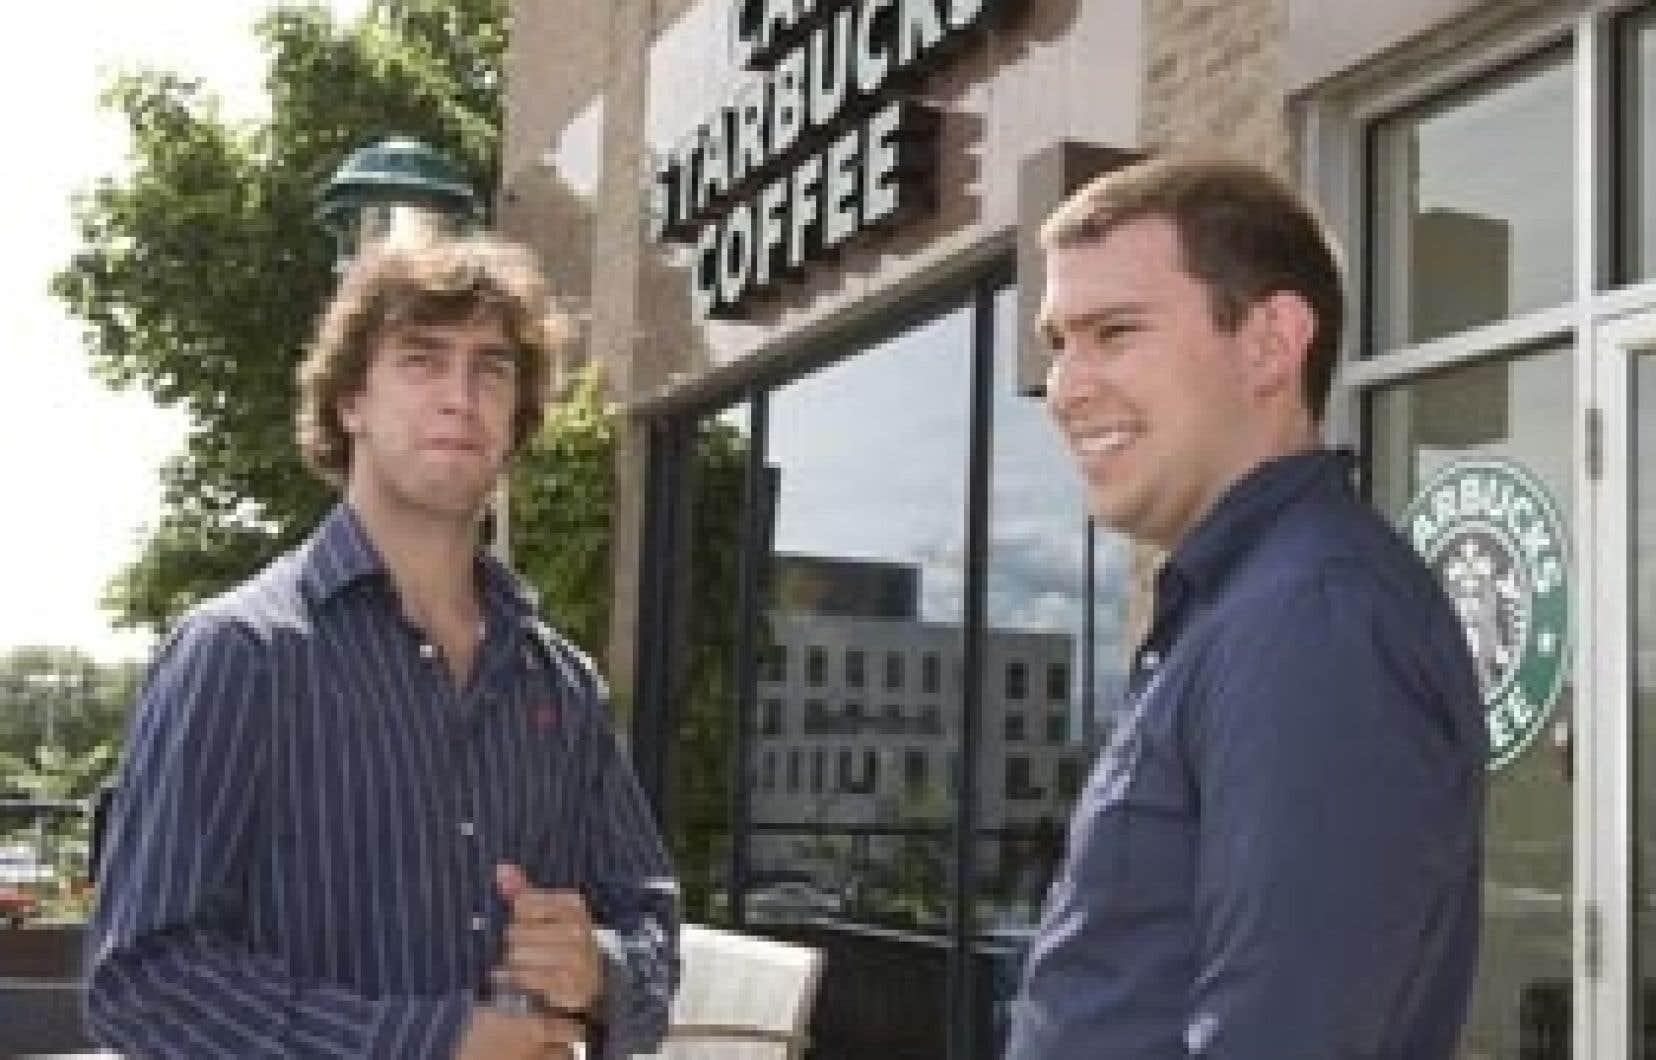 Simon Gosselin et Dominic Dupont, deux employés d'un café Starbucks de Québec. «Les employeurs ne nous considèrent pas comme des êtres humains, ils nous considèrent comme une ressource qu'ils peuvent utiliser, un peu comme le café qu'ils ve